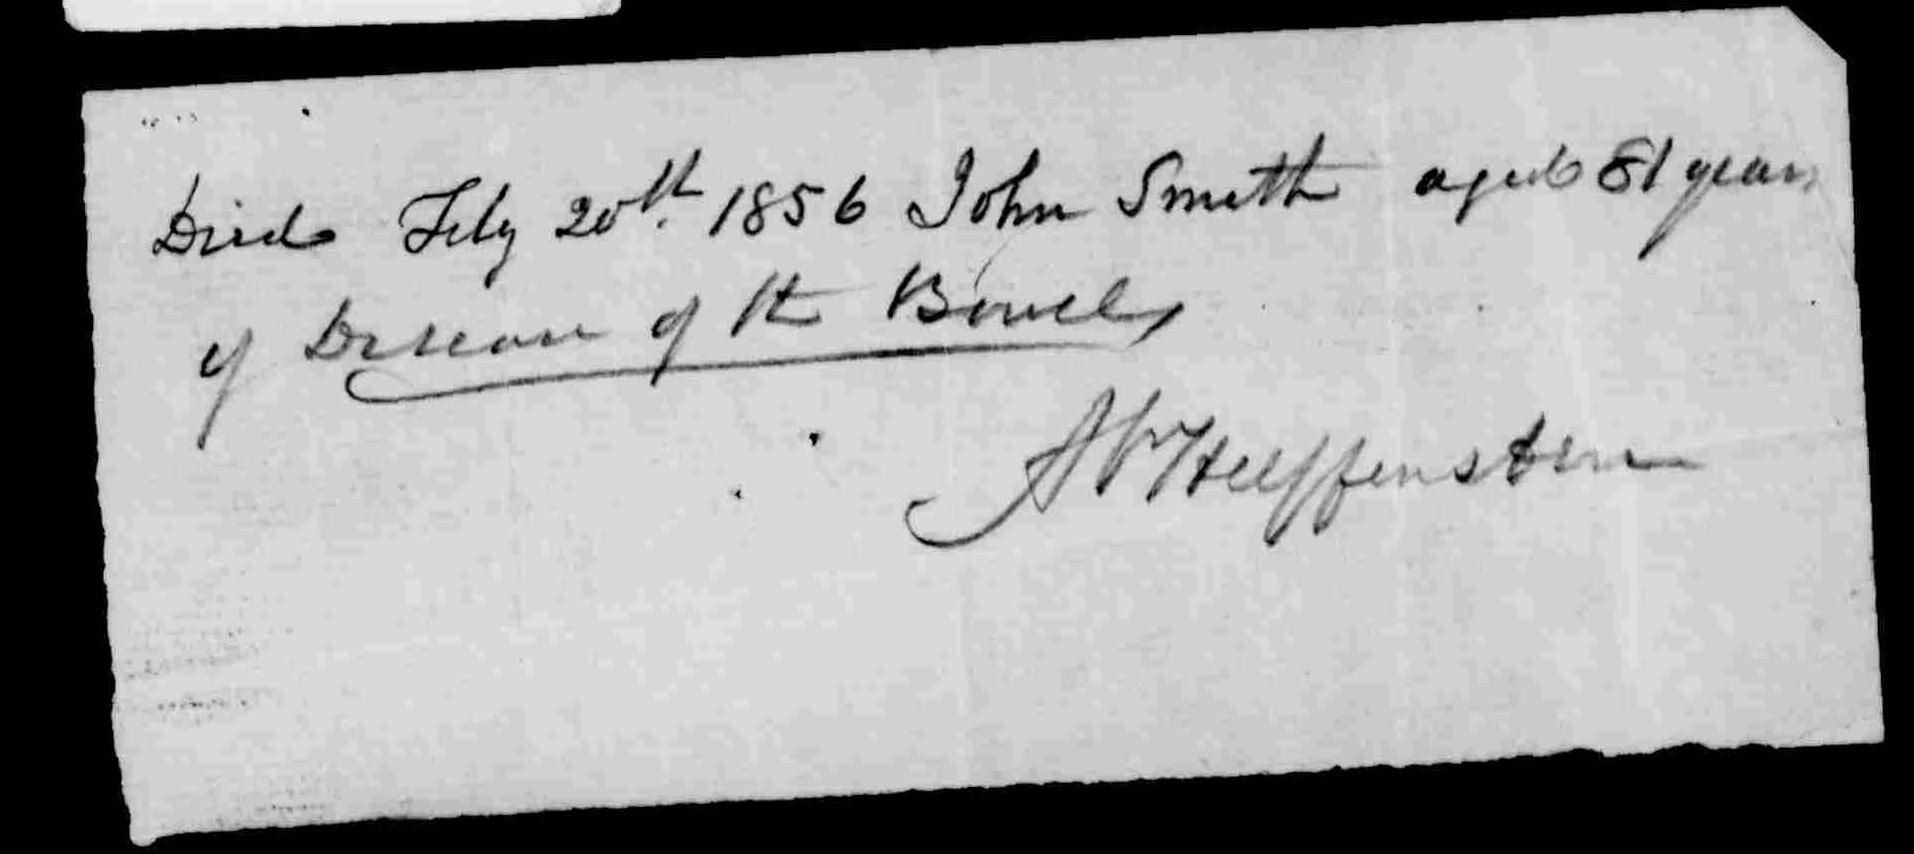 John Montague Smith